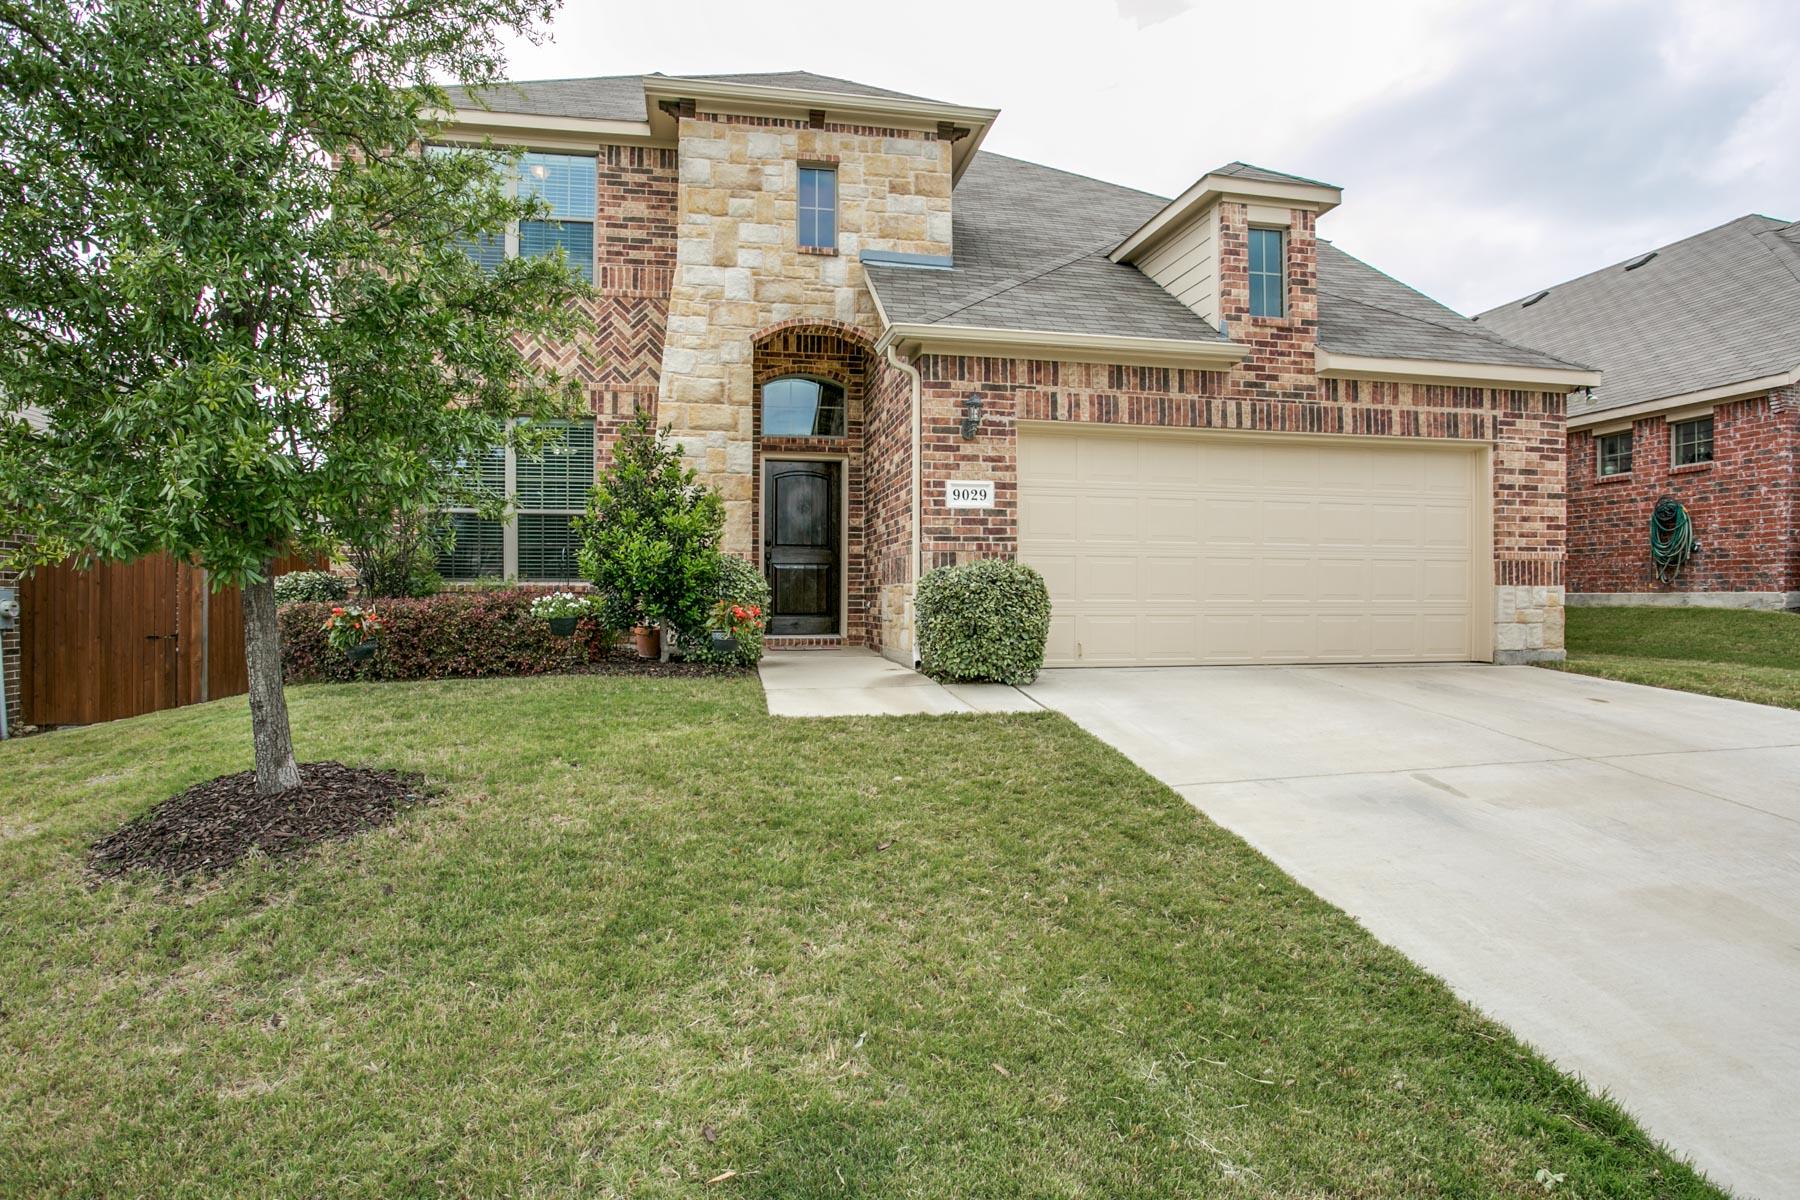 Maison unifamiliale pour l Vente à 9029 Weller Lane, Fort Worth 9029 Weller Ln Fort Worth, Texas, 76244 États-Unis